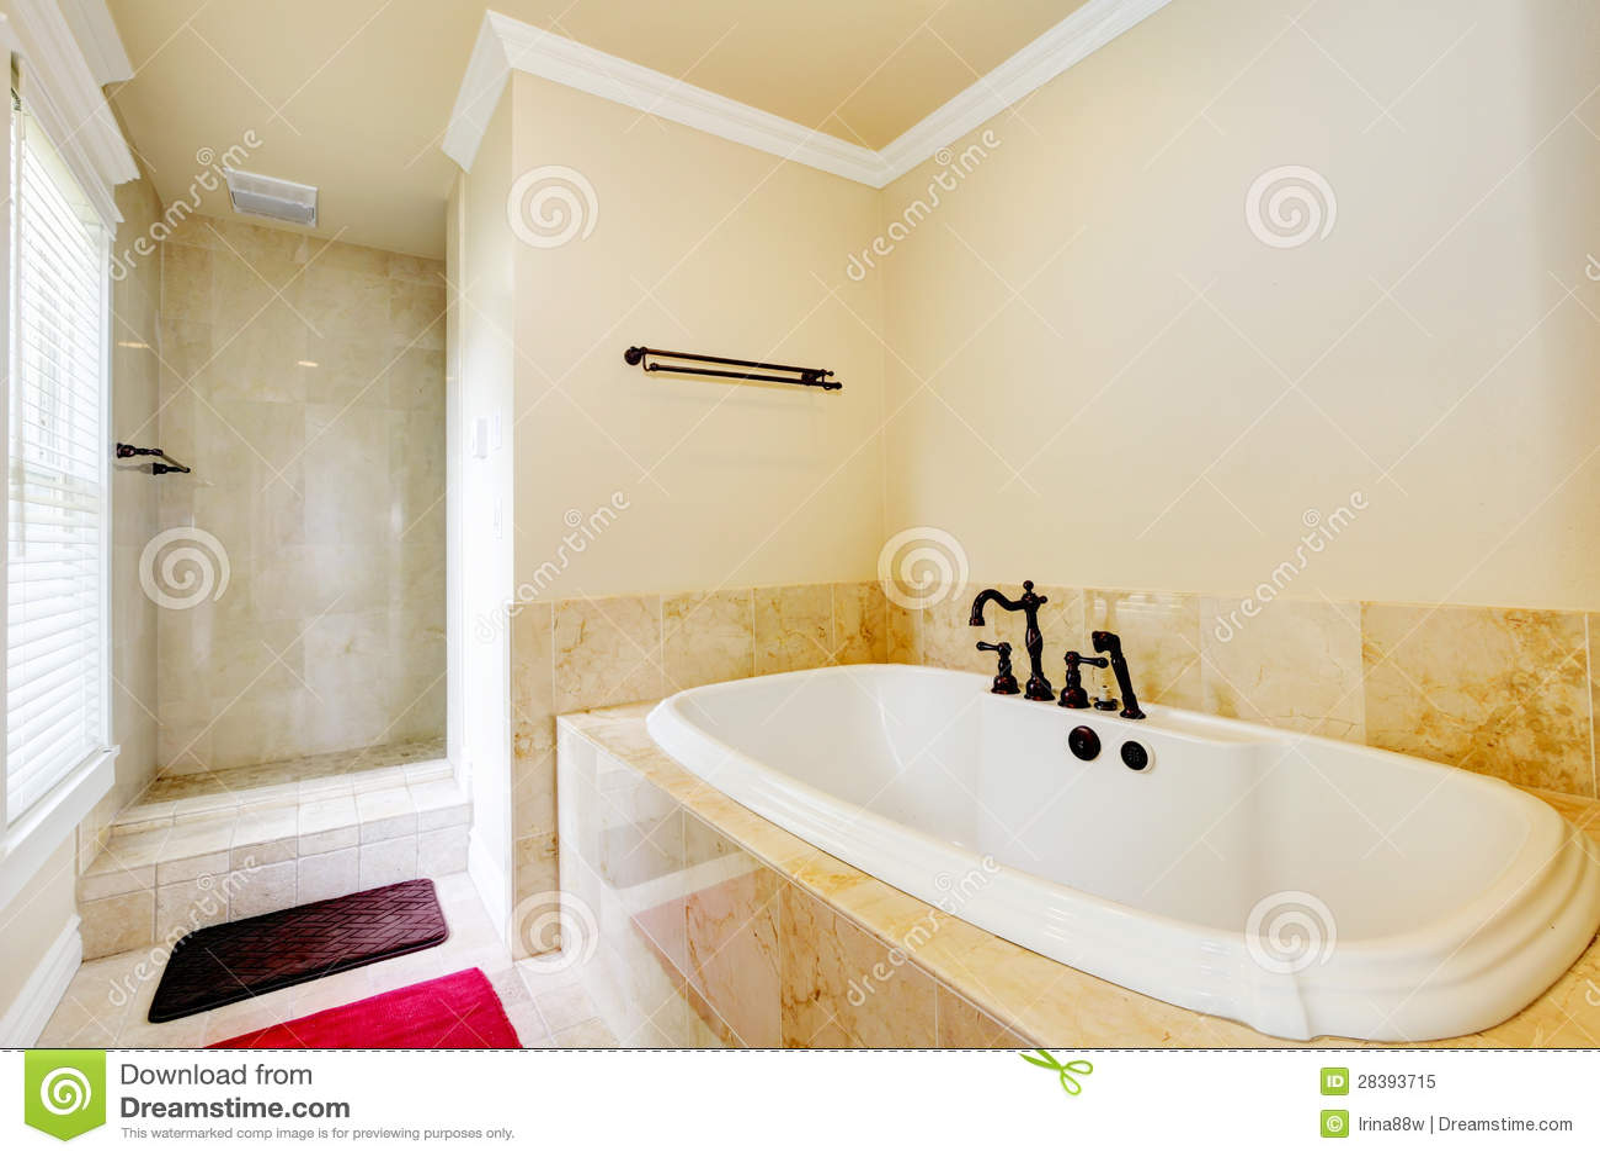 Cuarto de ba o vac o agradable con la tina y la ducha for Banos con ducha y tina